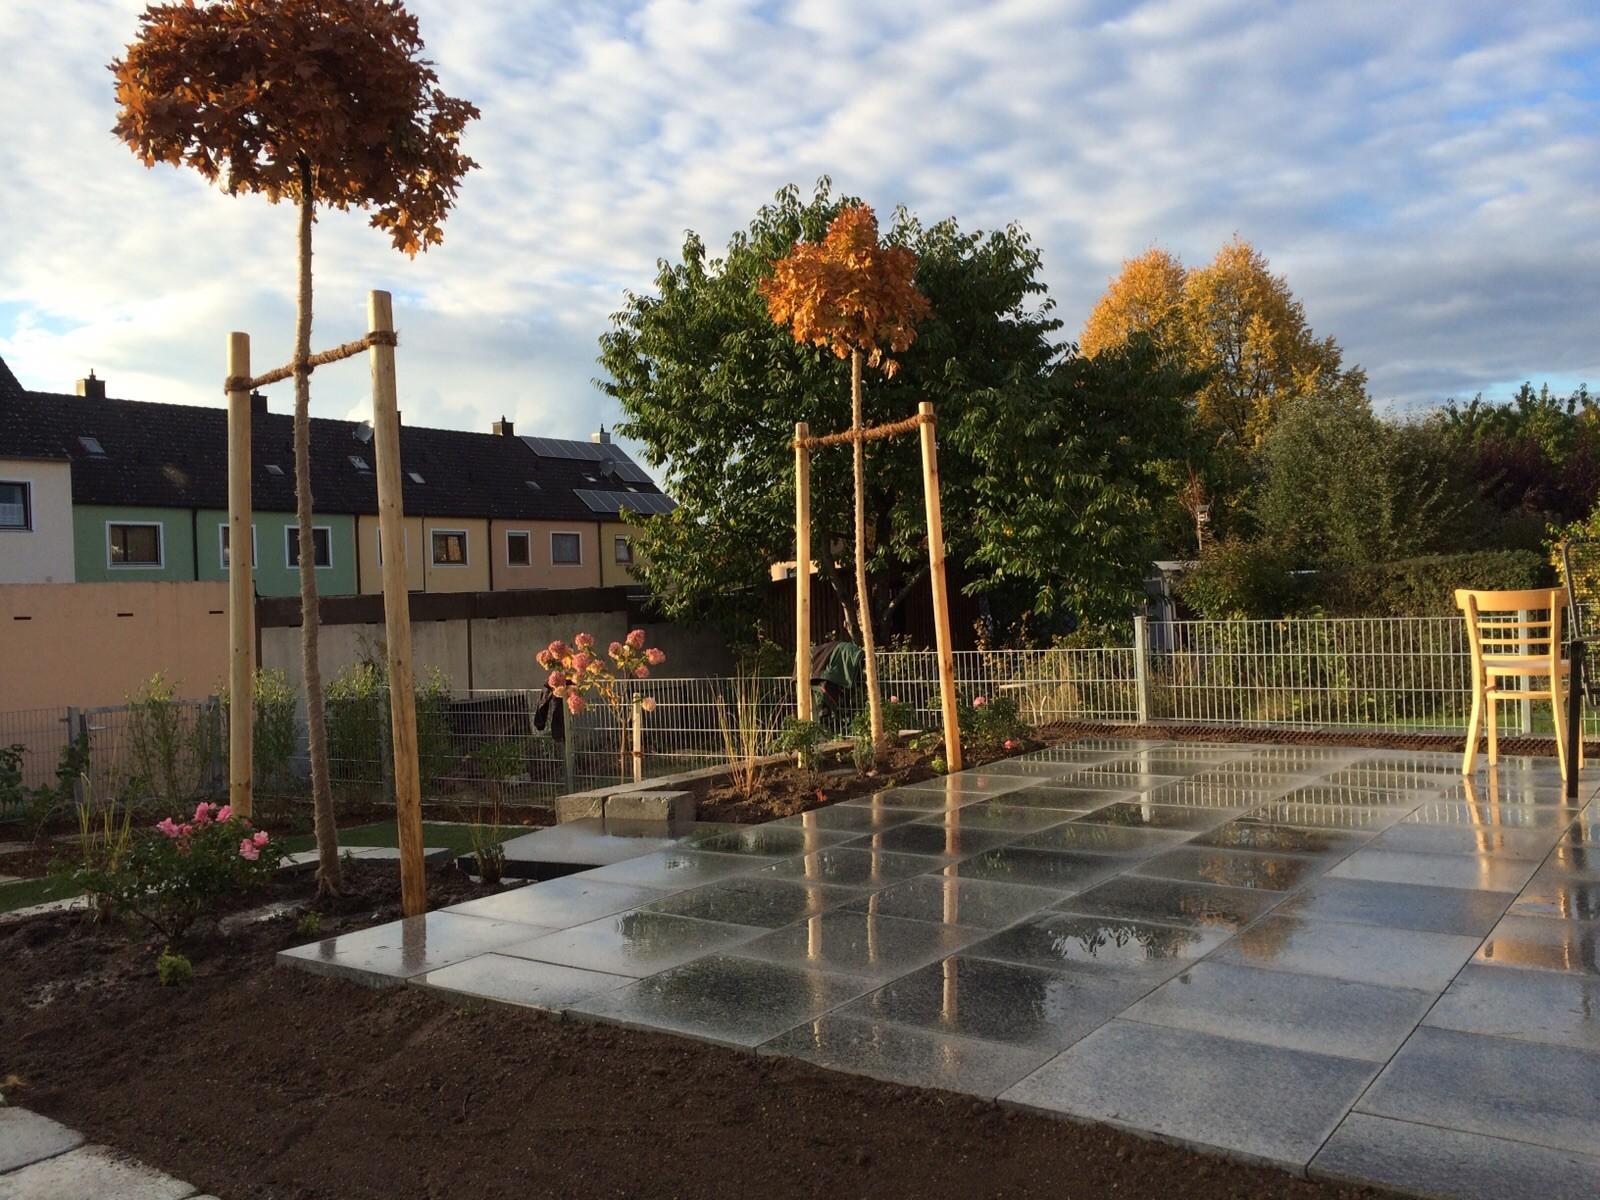 Gartenbau Straubing garten und landschaftsbau krasniqi gartenanlagen gartenbau